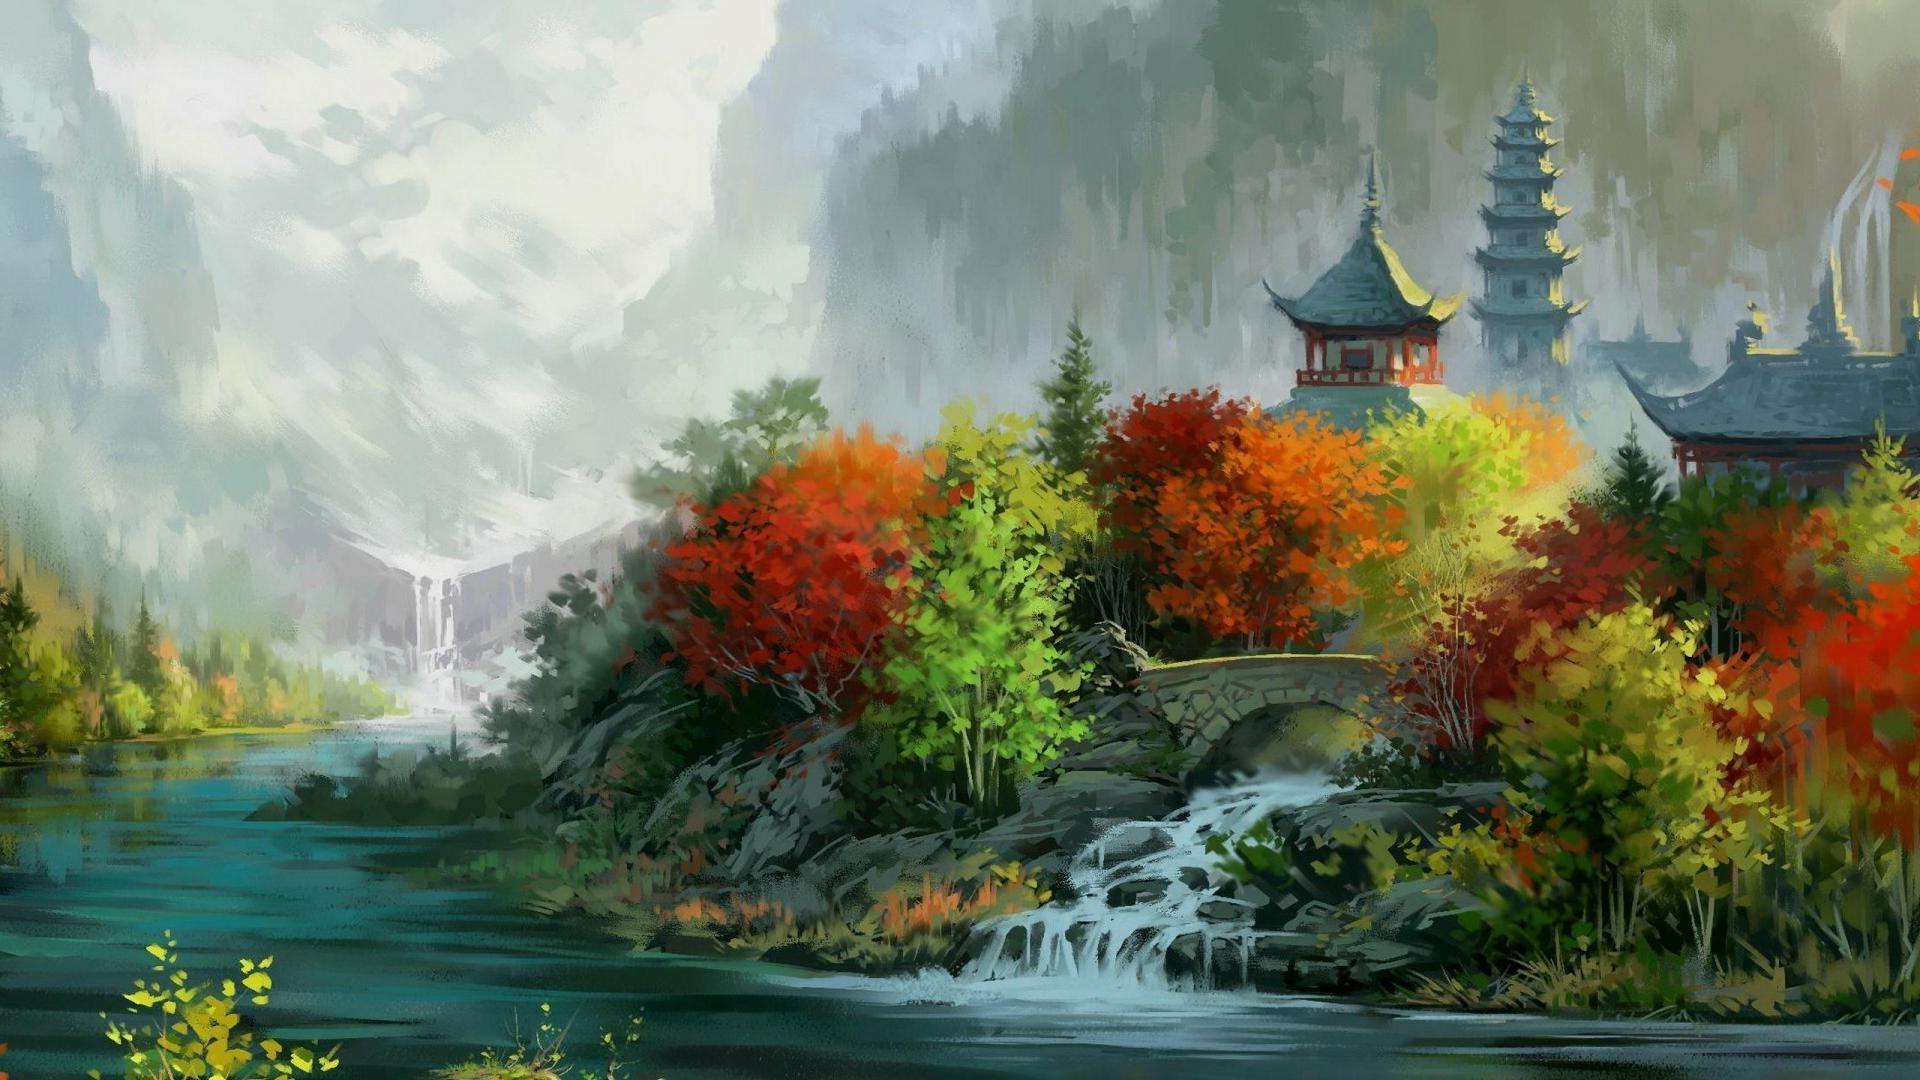 кадрах видно, красивые картинки с изображением пейзажа мероприятия